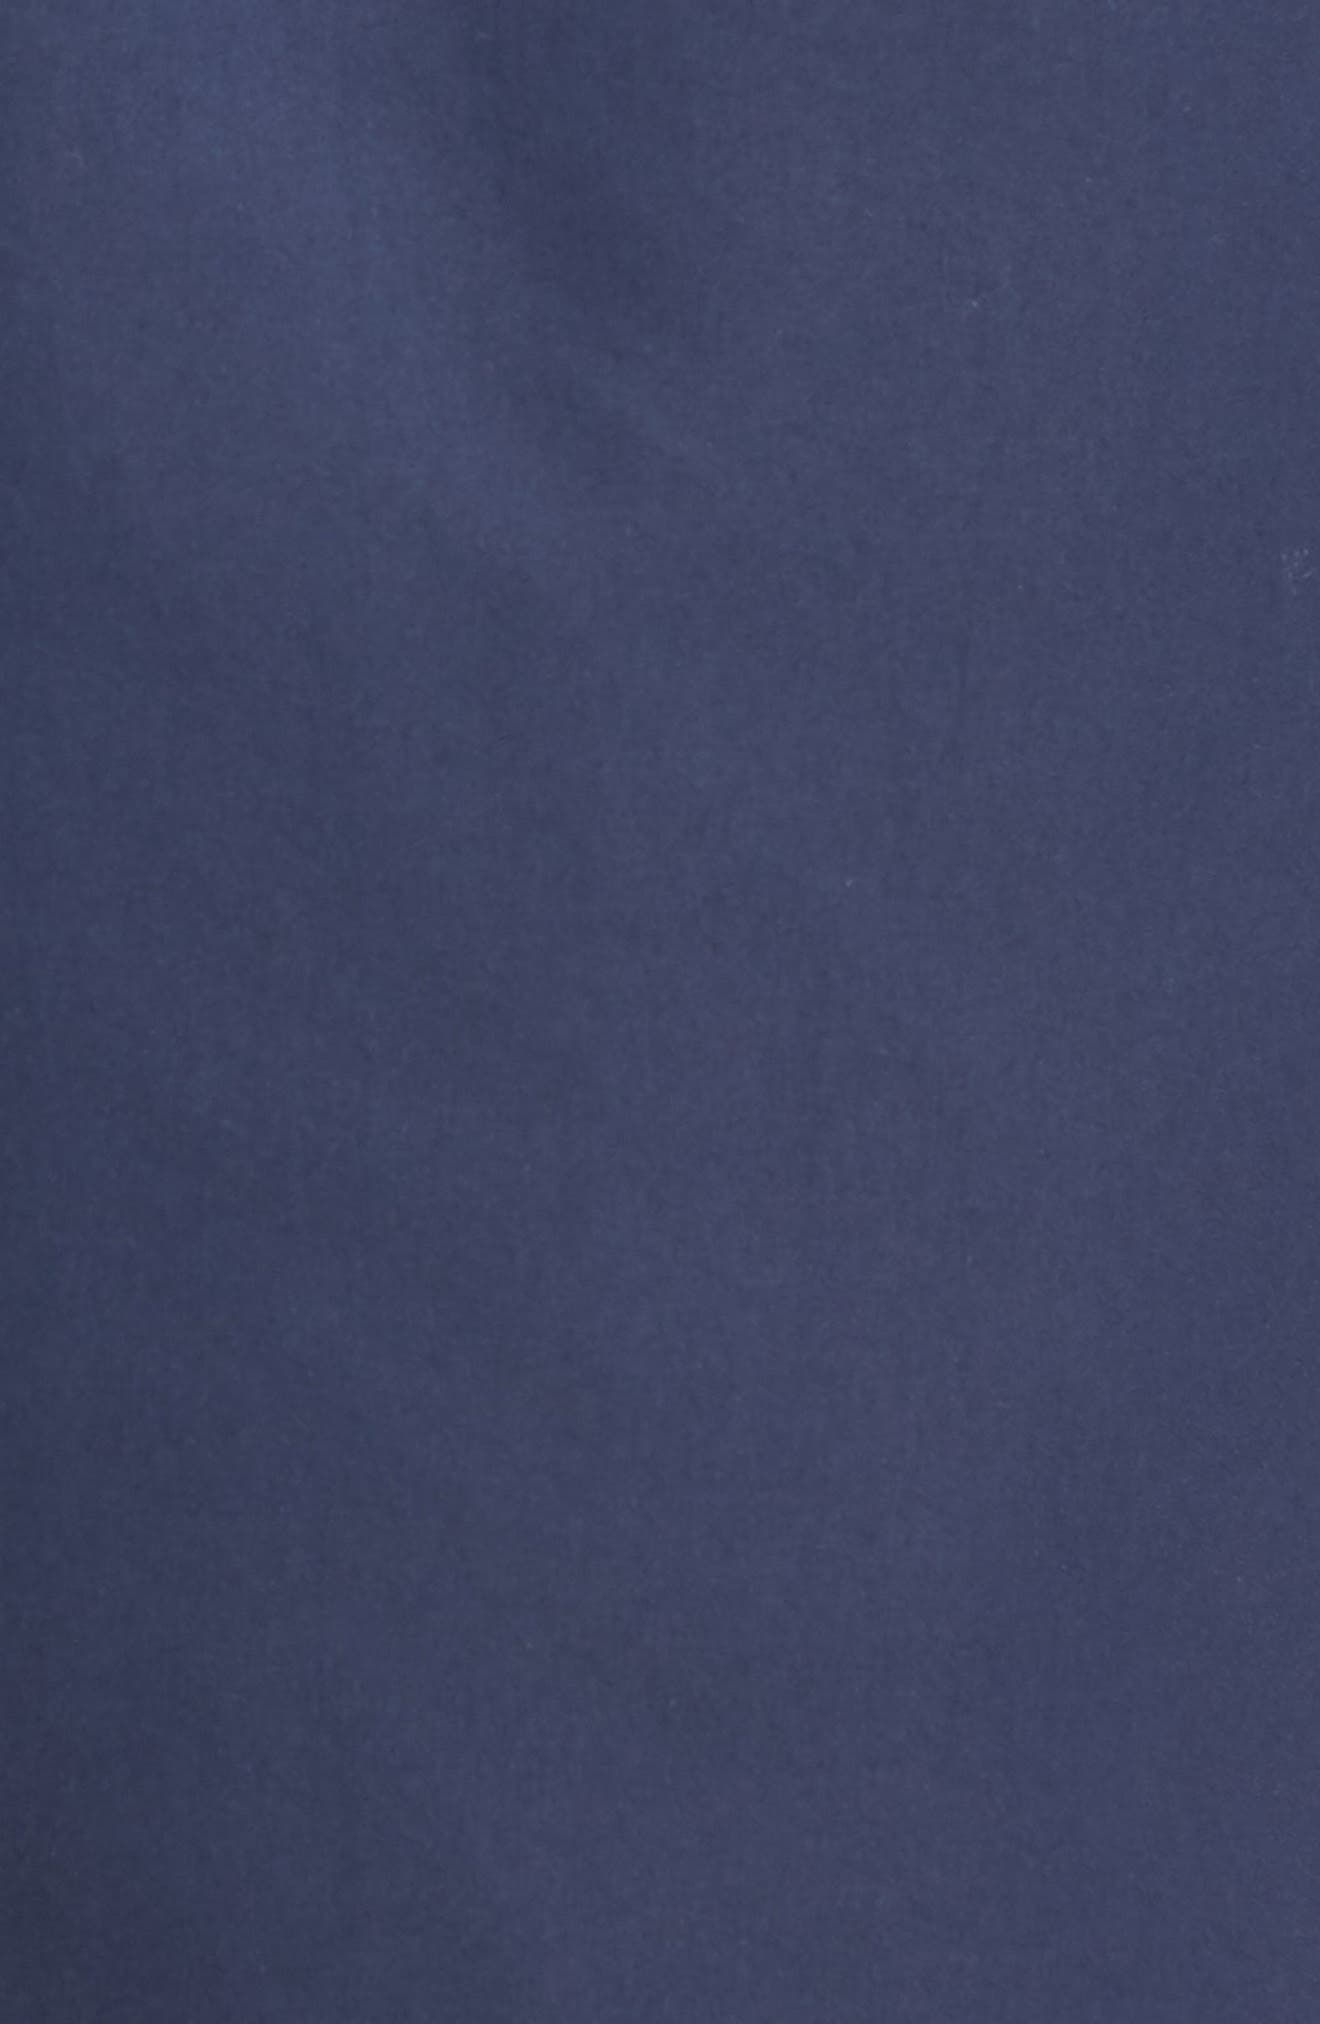 Seabream Stripe Swim Trunks,                             Alternate thumbnail 7, color,                             Blue